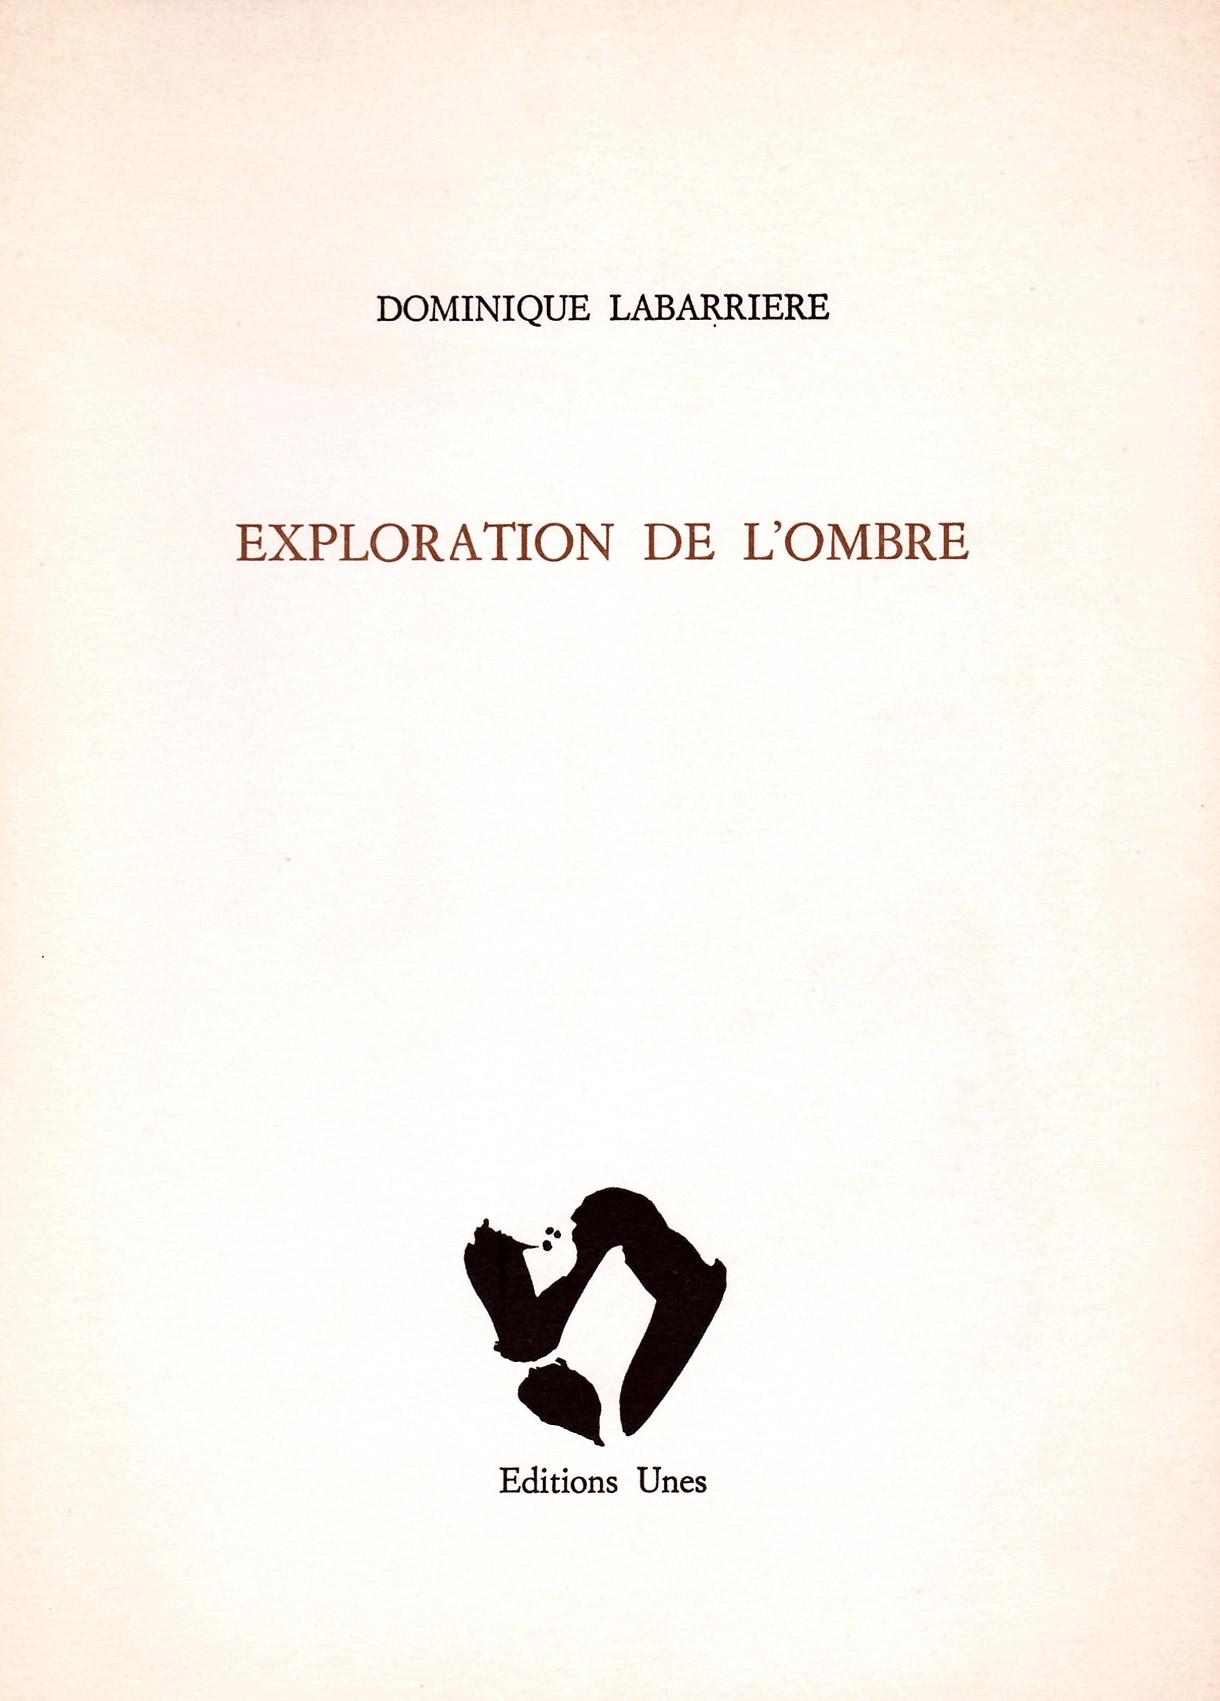 Dominique Labarrière, Exploration de l'ombre, Unes, 1988